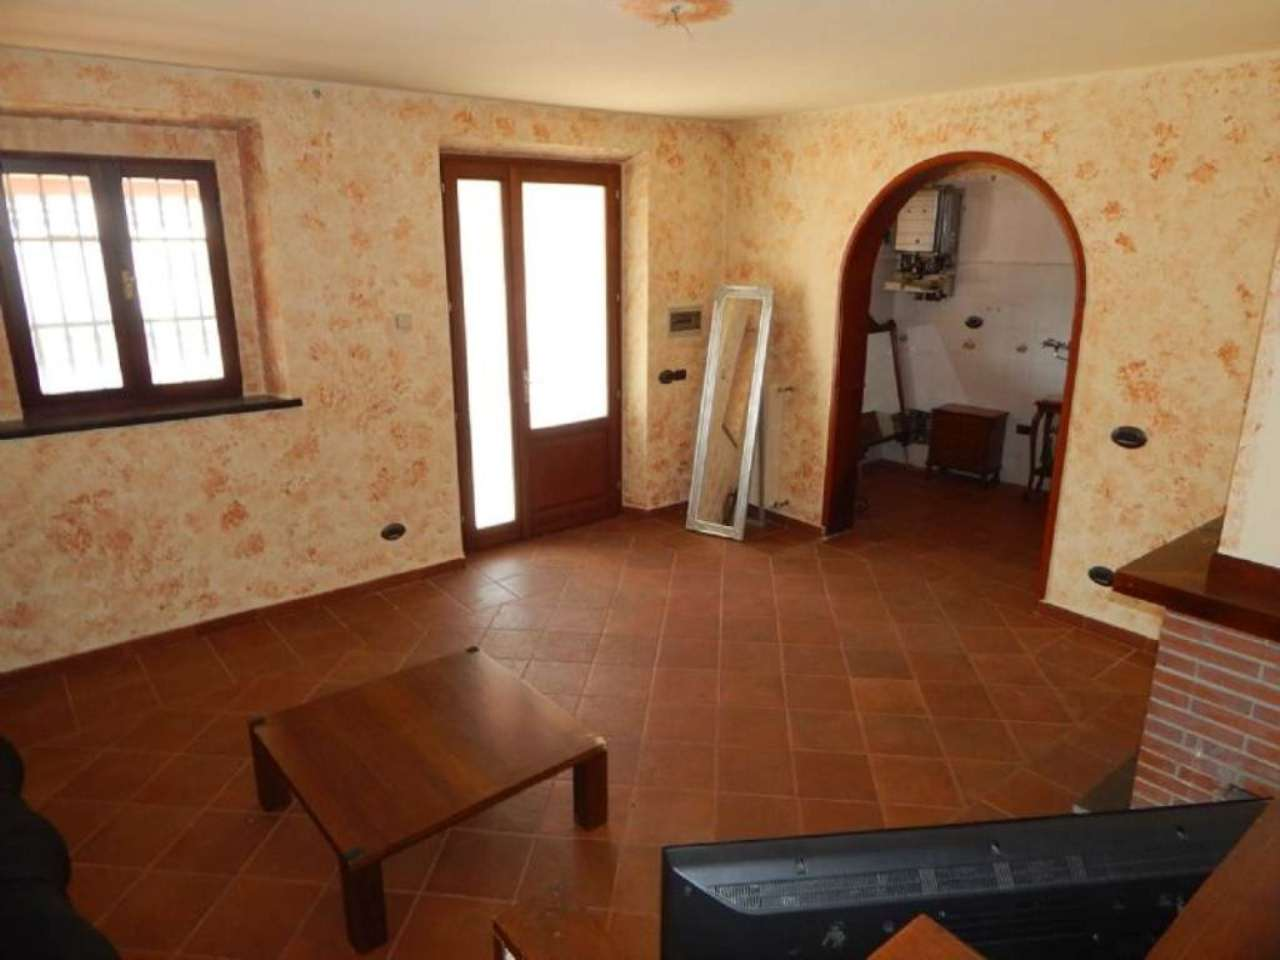 Palazzo / Stabile in vendita a Pisa, 3 locali, prezzo € 175.000 | Cambio Casa.it